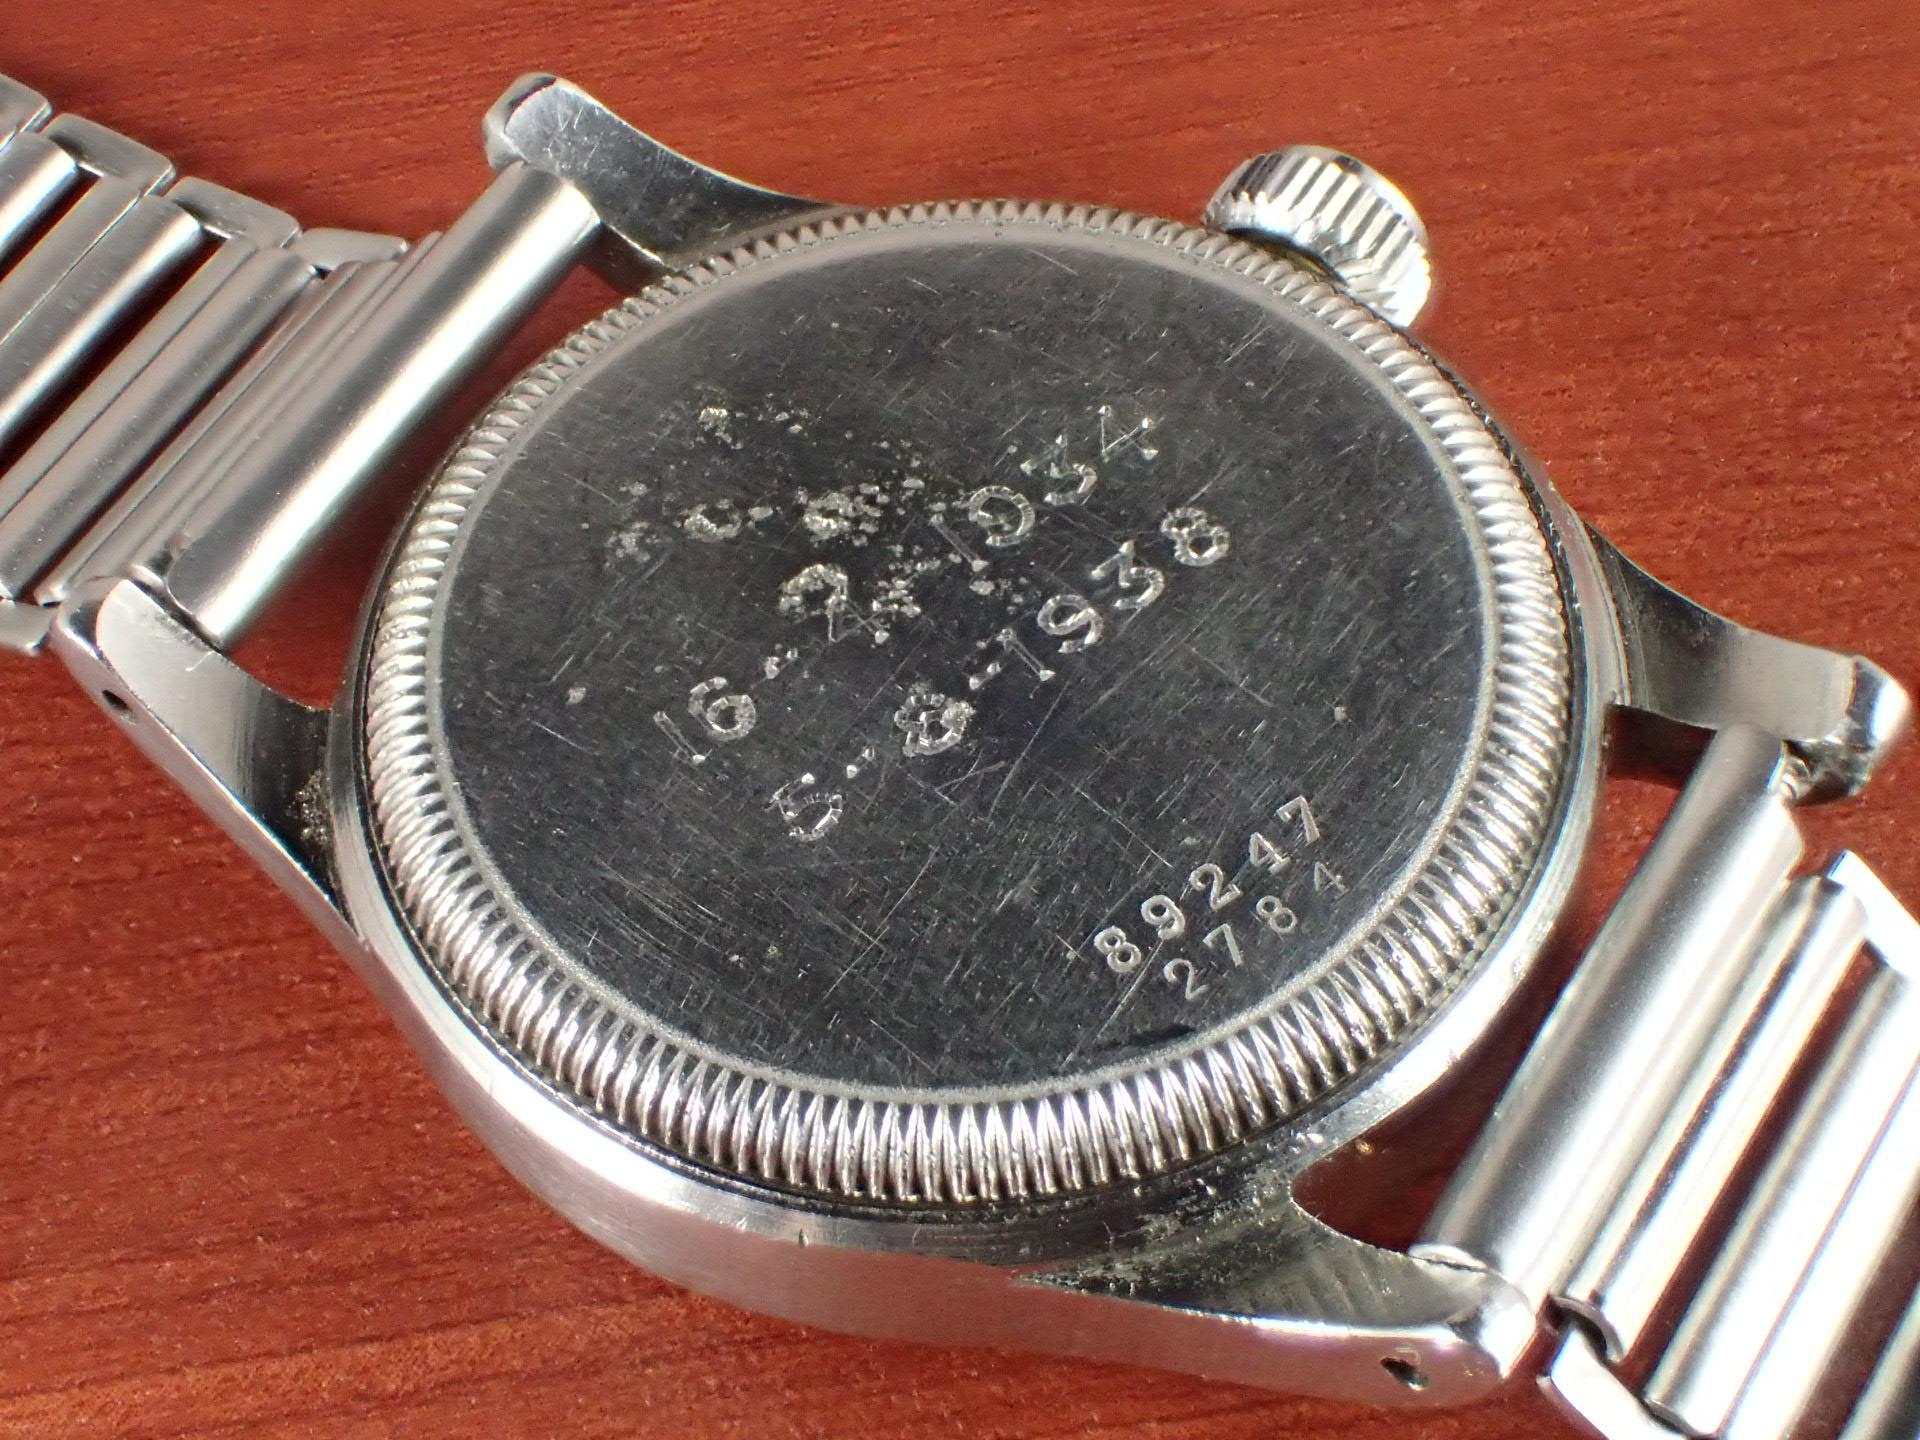 オイスター チュードル ガンメーター トリプルネーム セクターダイアル 1930年代の写真4枚目